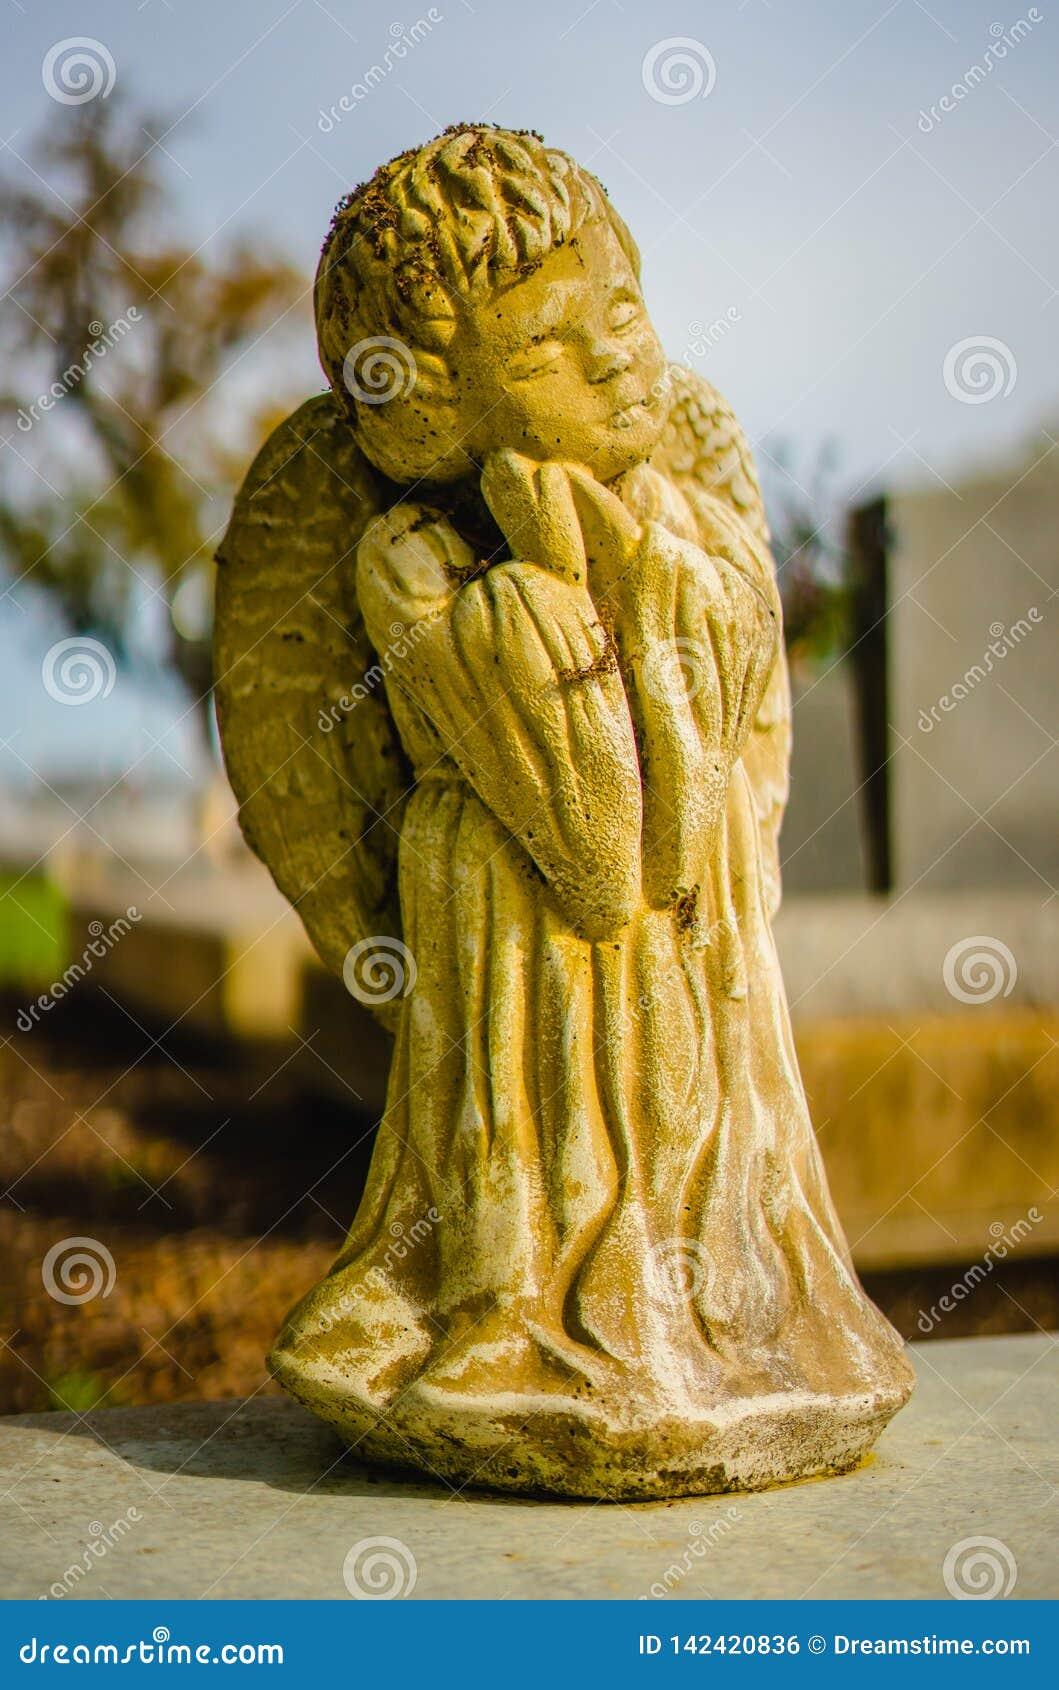 Μια σοβαρή διακόσμηση ή ένα σοβαρό άγαλμα